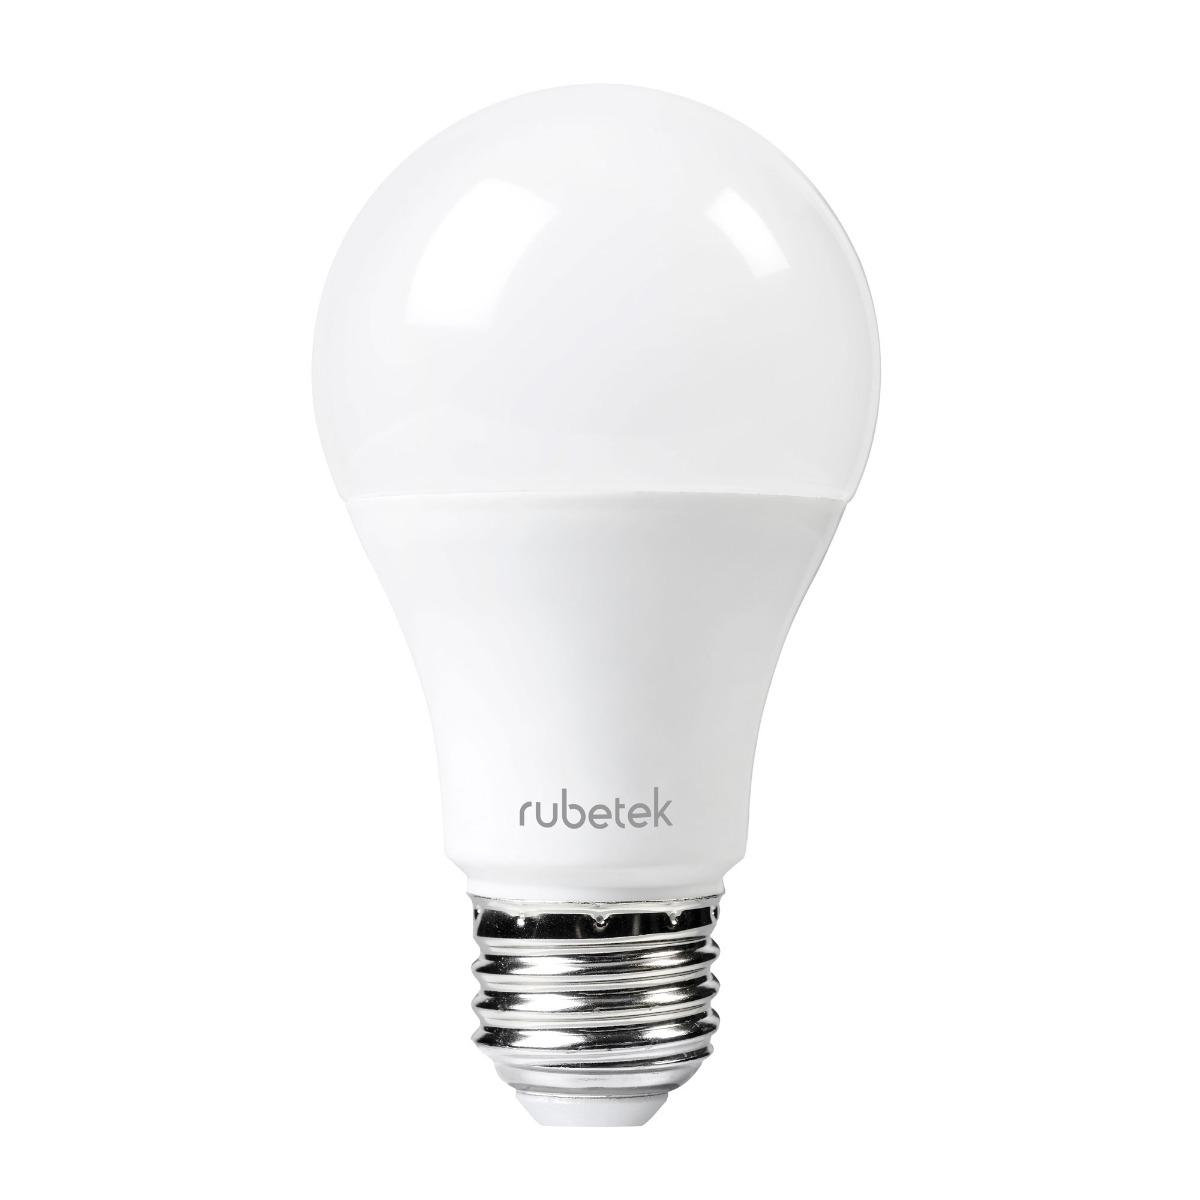 Светодиодная лампа с датчиком движения и освещённости rubetek RL-3101